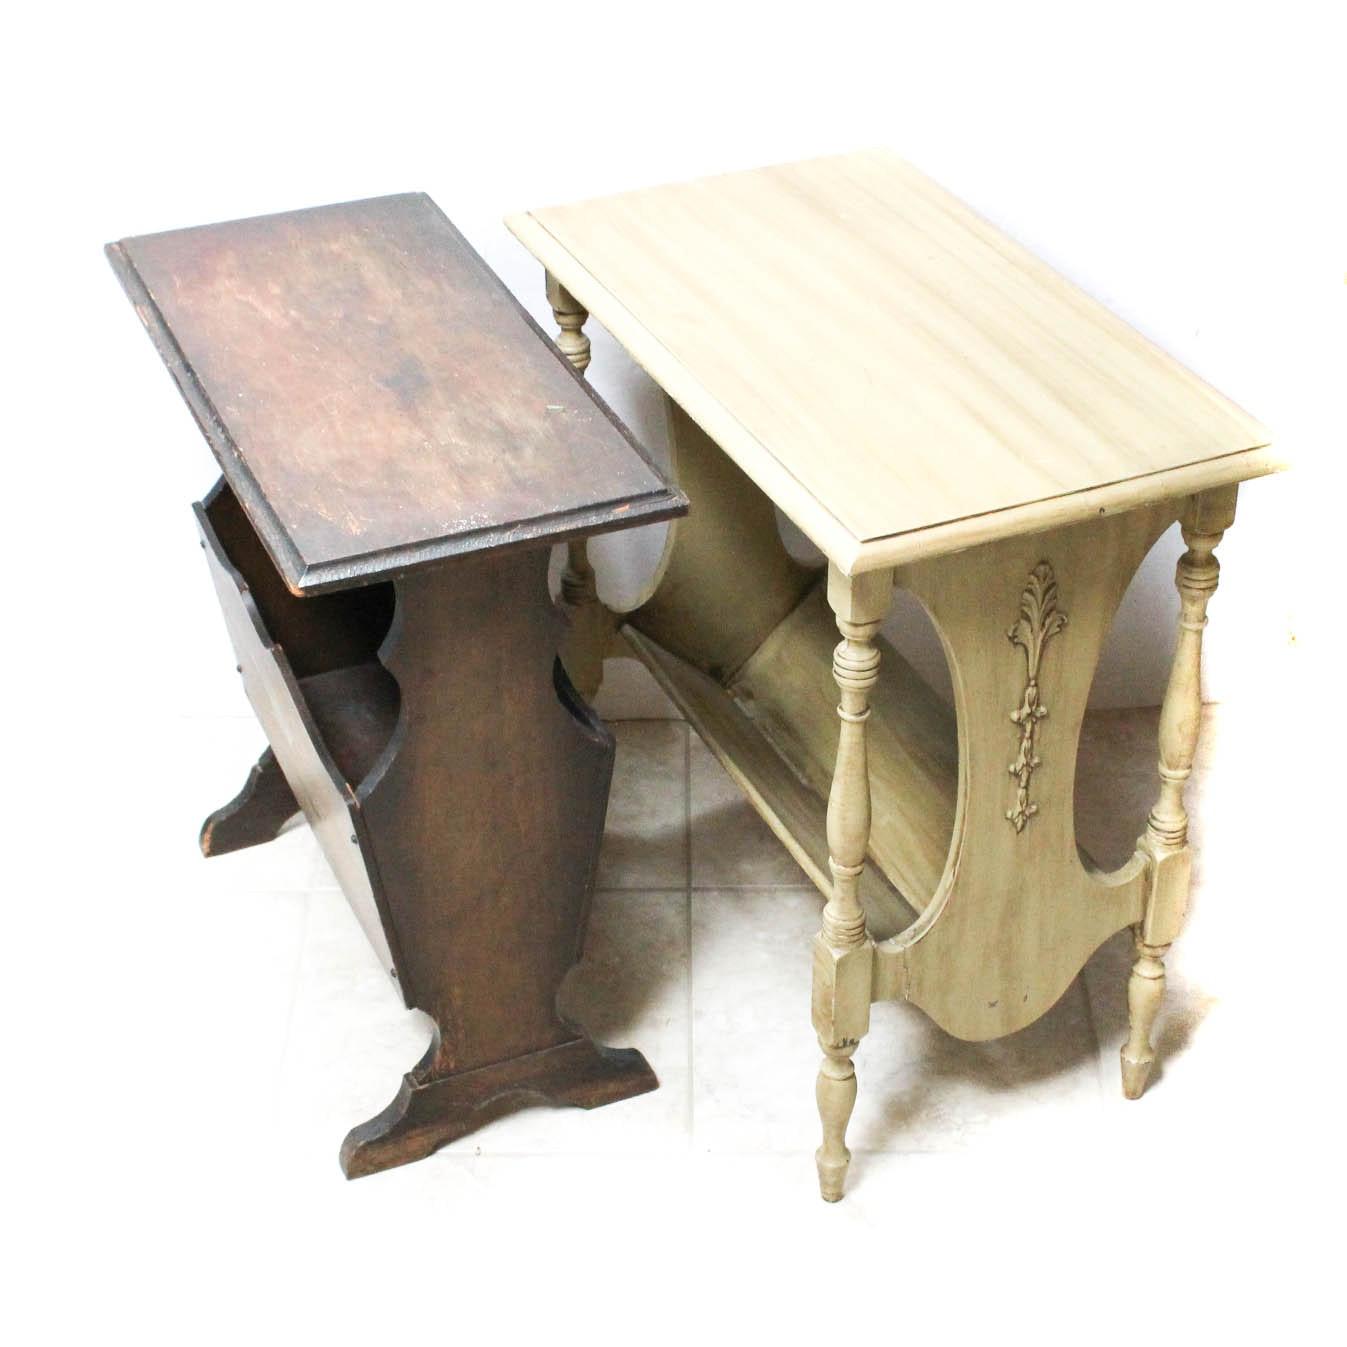 Vintage Wooden Magazine Rack Side Tables